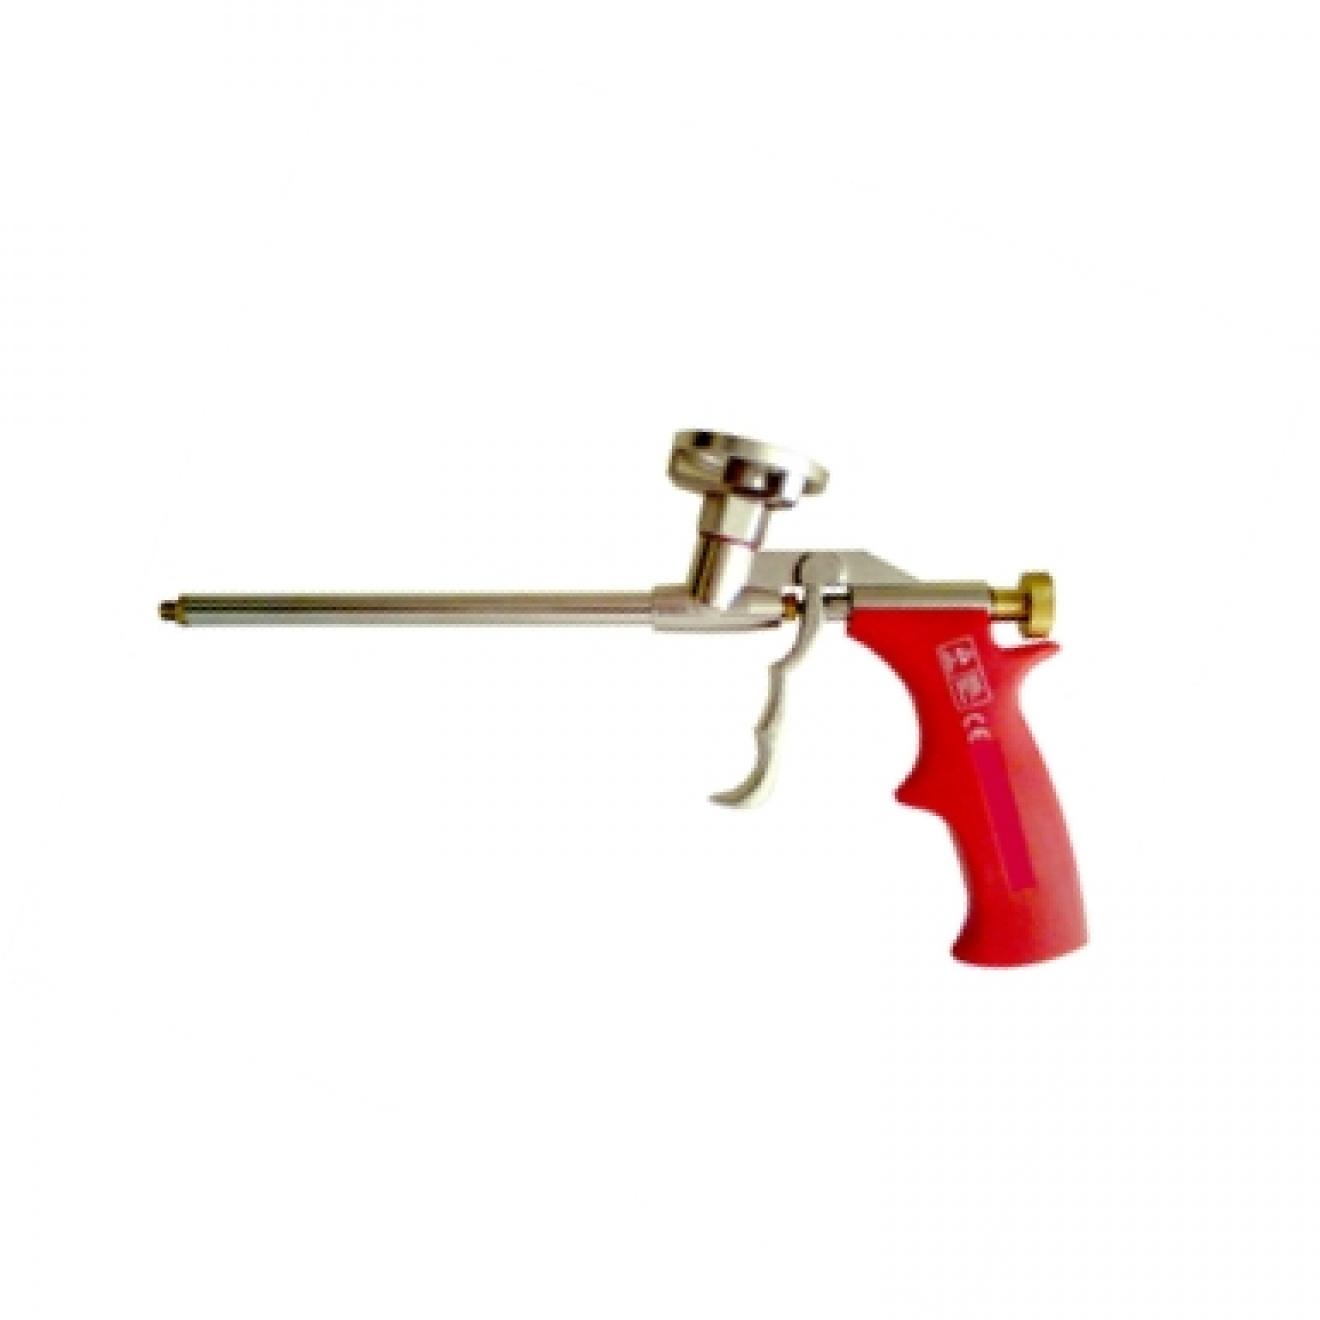 short gun schaumpistole klein leicht zum g nstigen preis hier kaufen. Black Bedroom Furniture Sets. Home Design Ideas